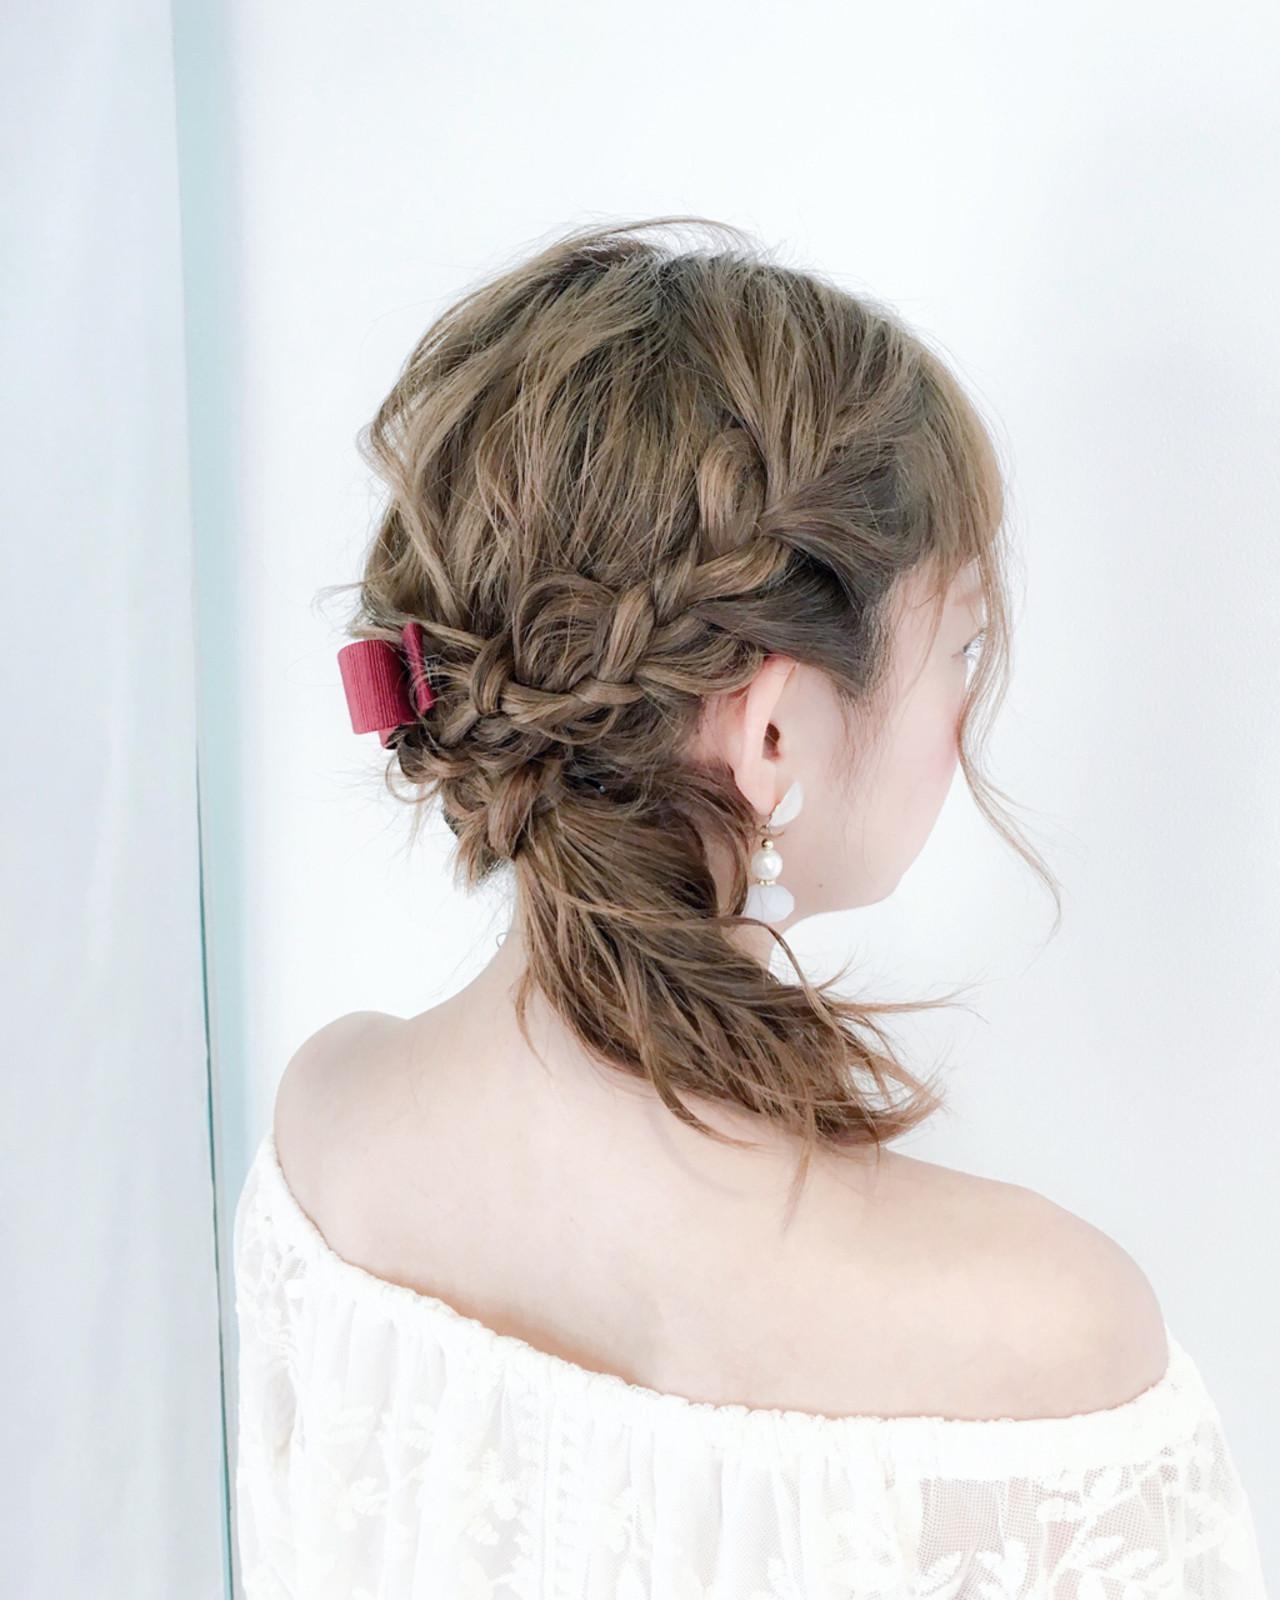 フェミニン 編み込み セミロング アウトドア ヘアスタイルや髪型の写真・画像